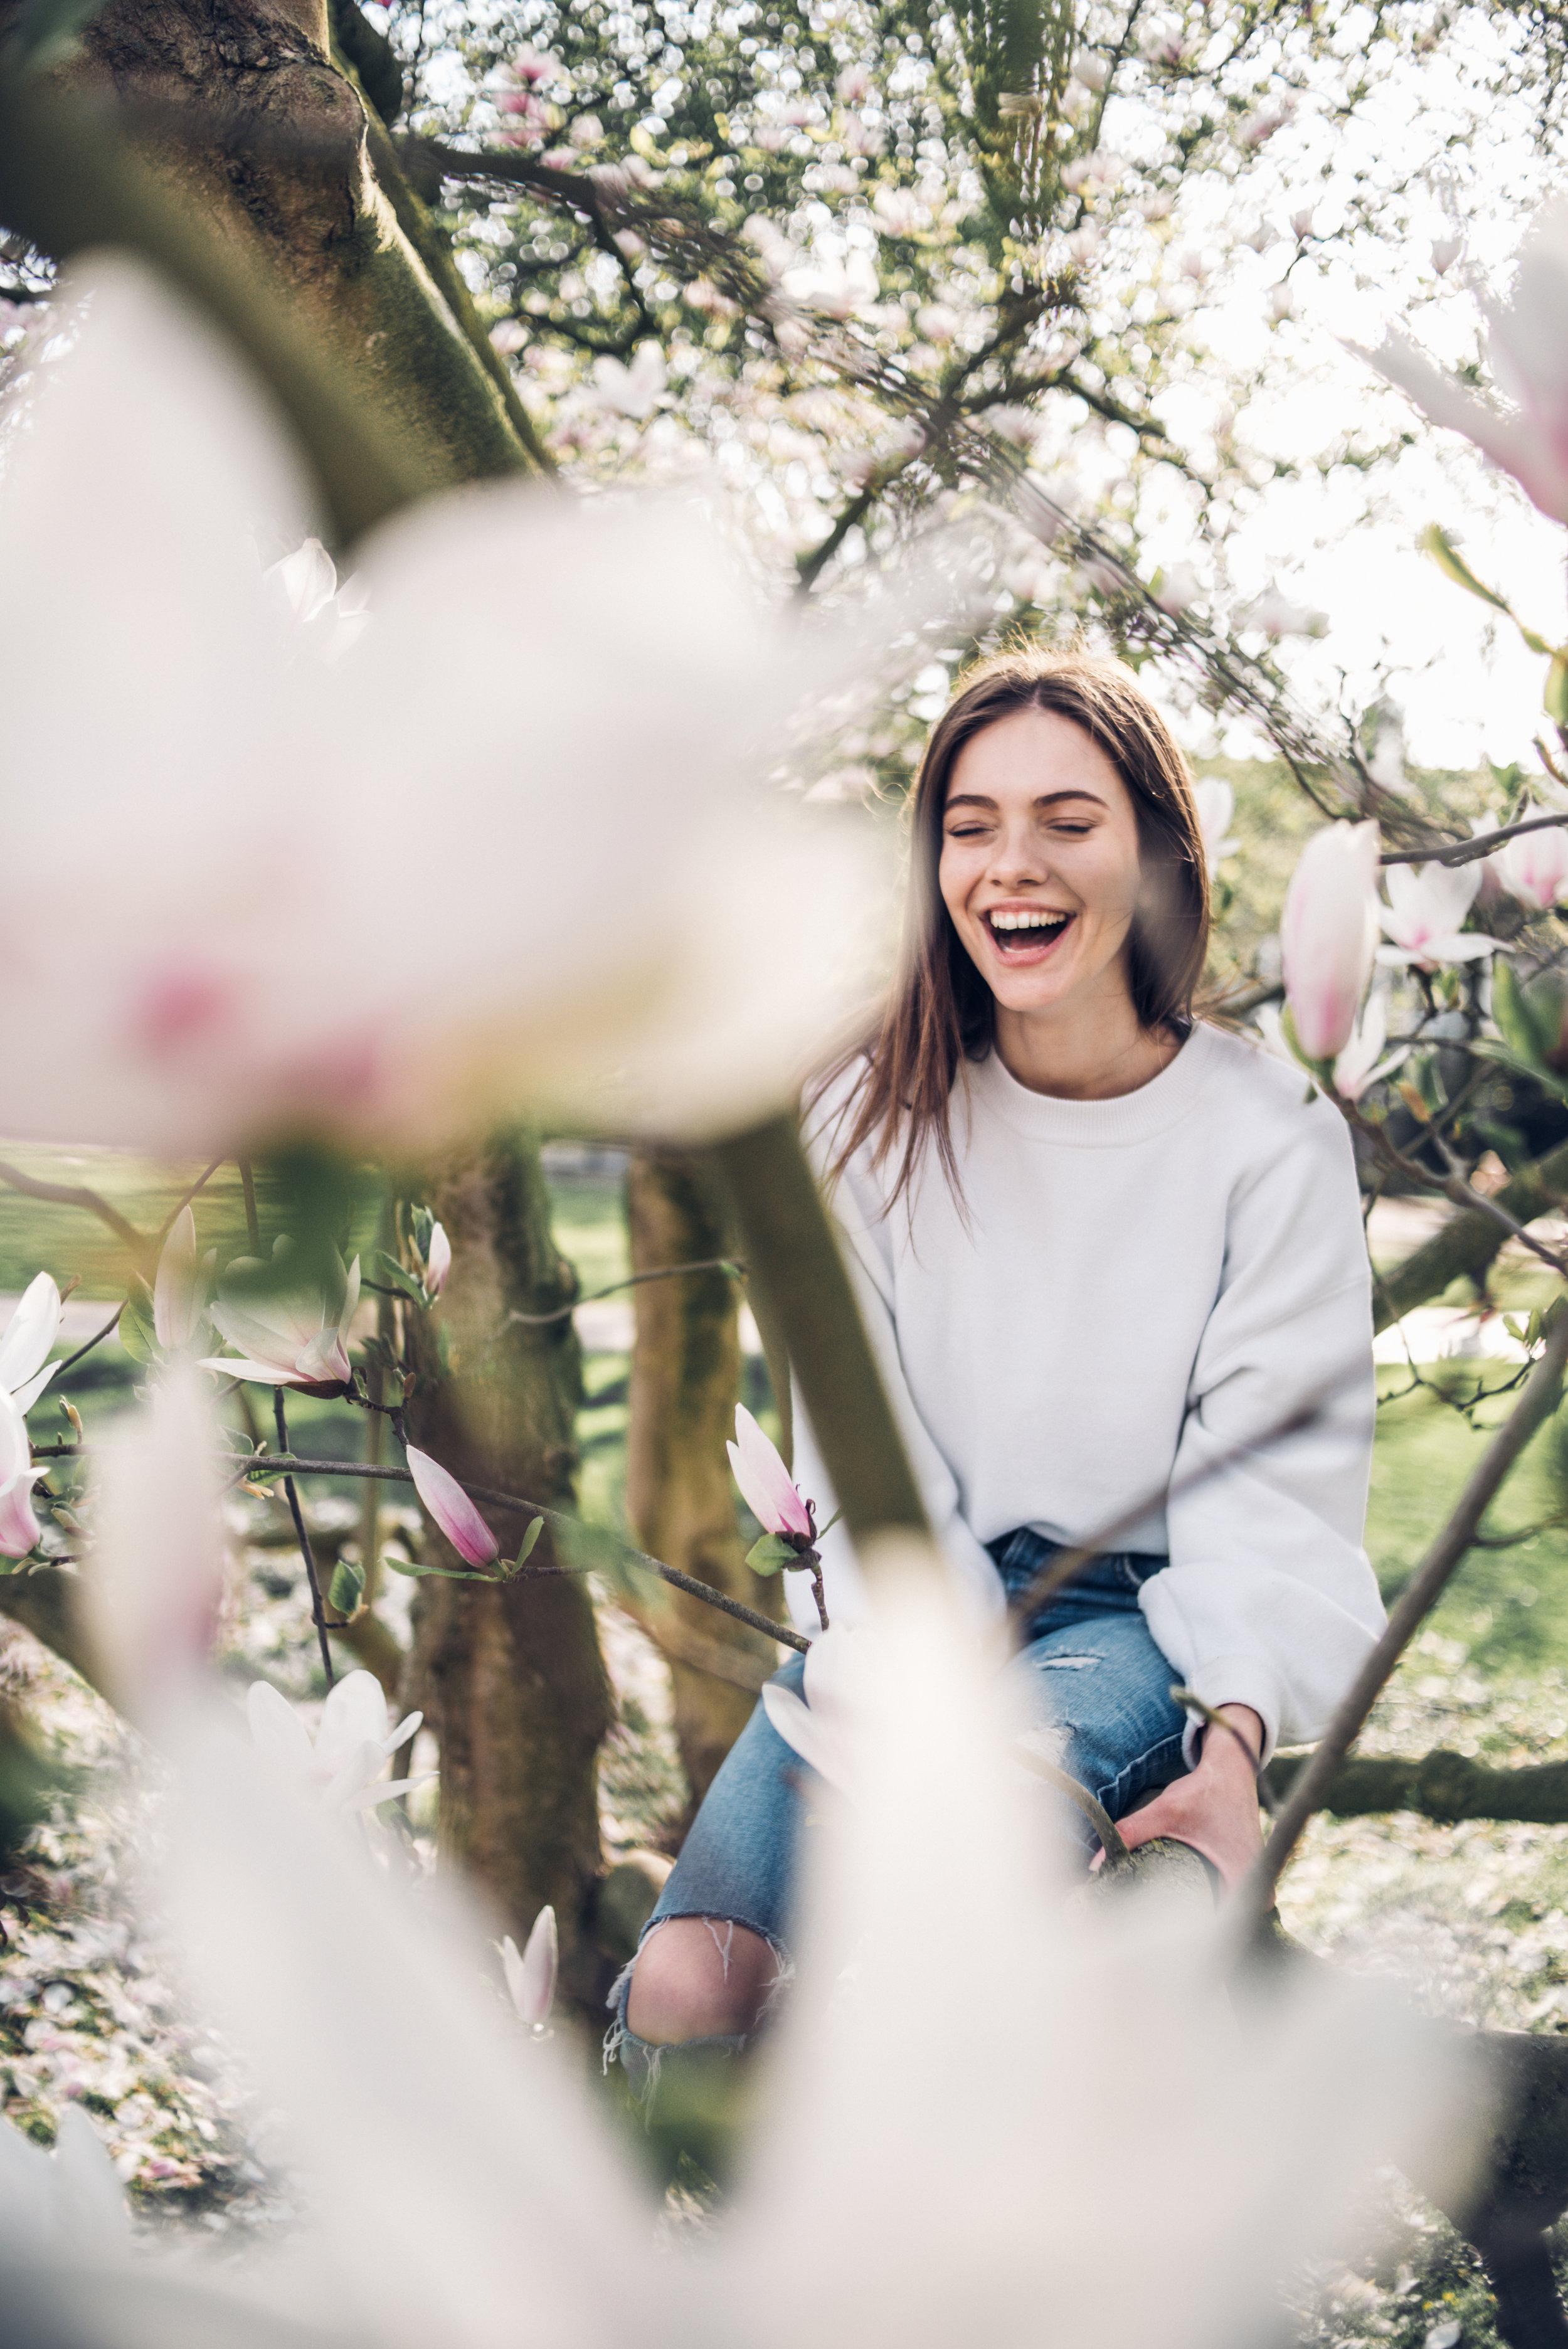 magnolia-münster-photography-gretacaptures